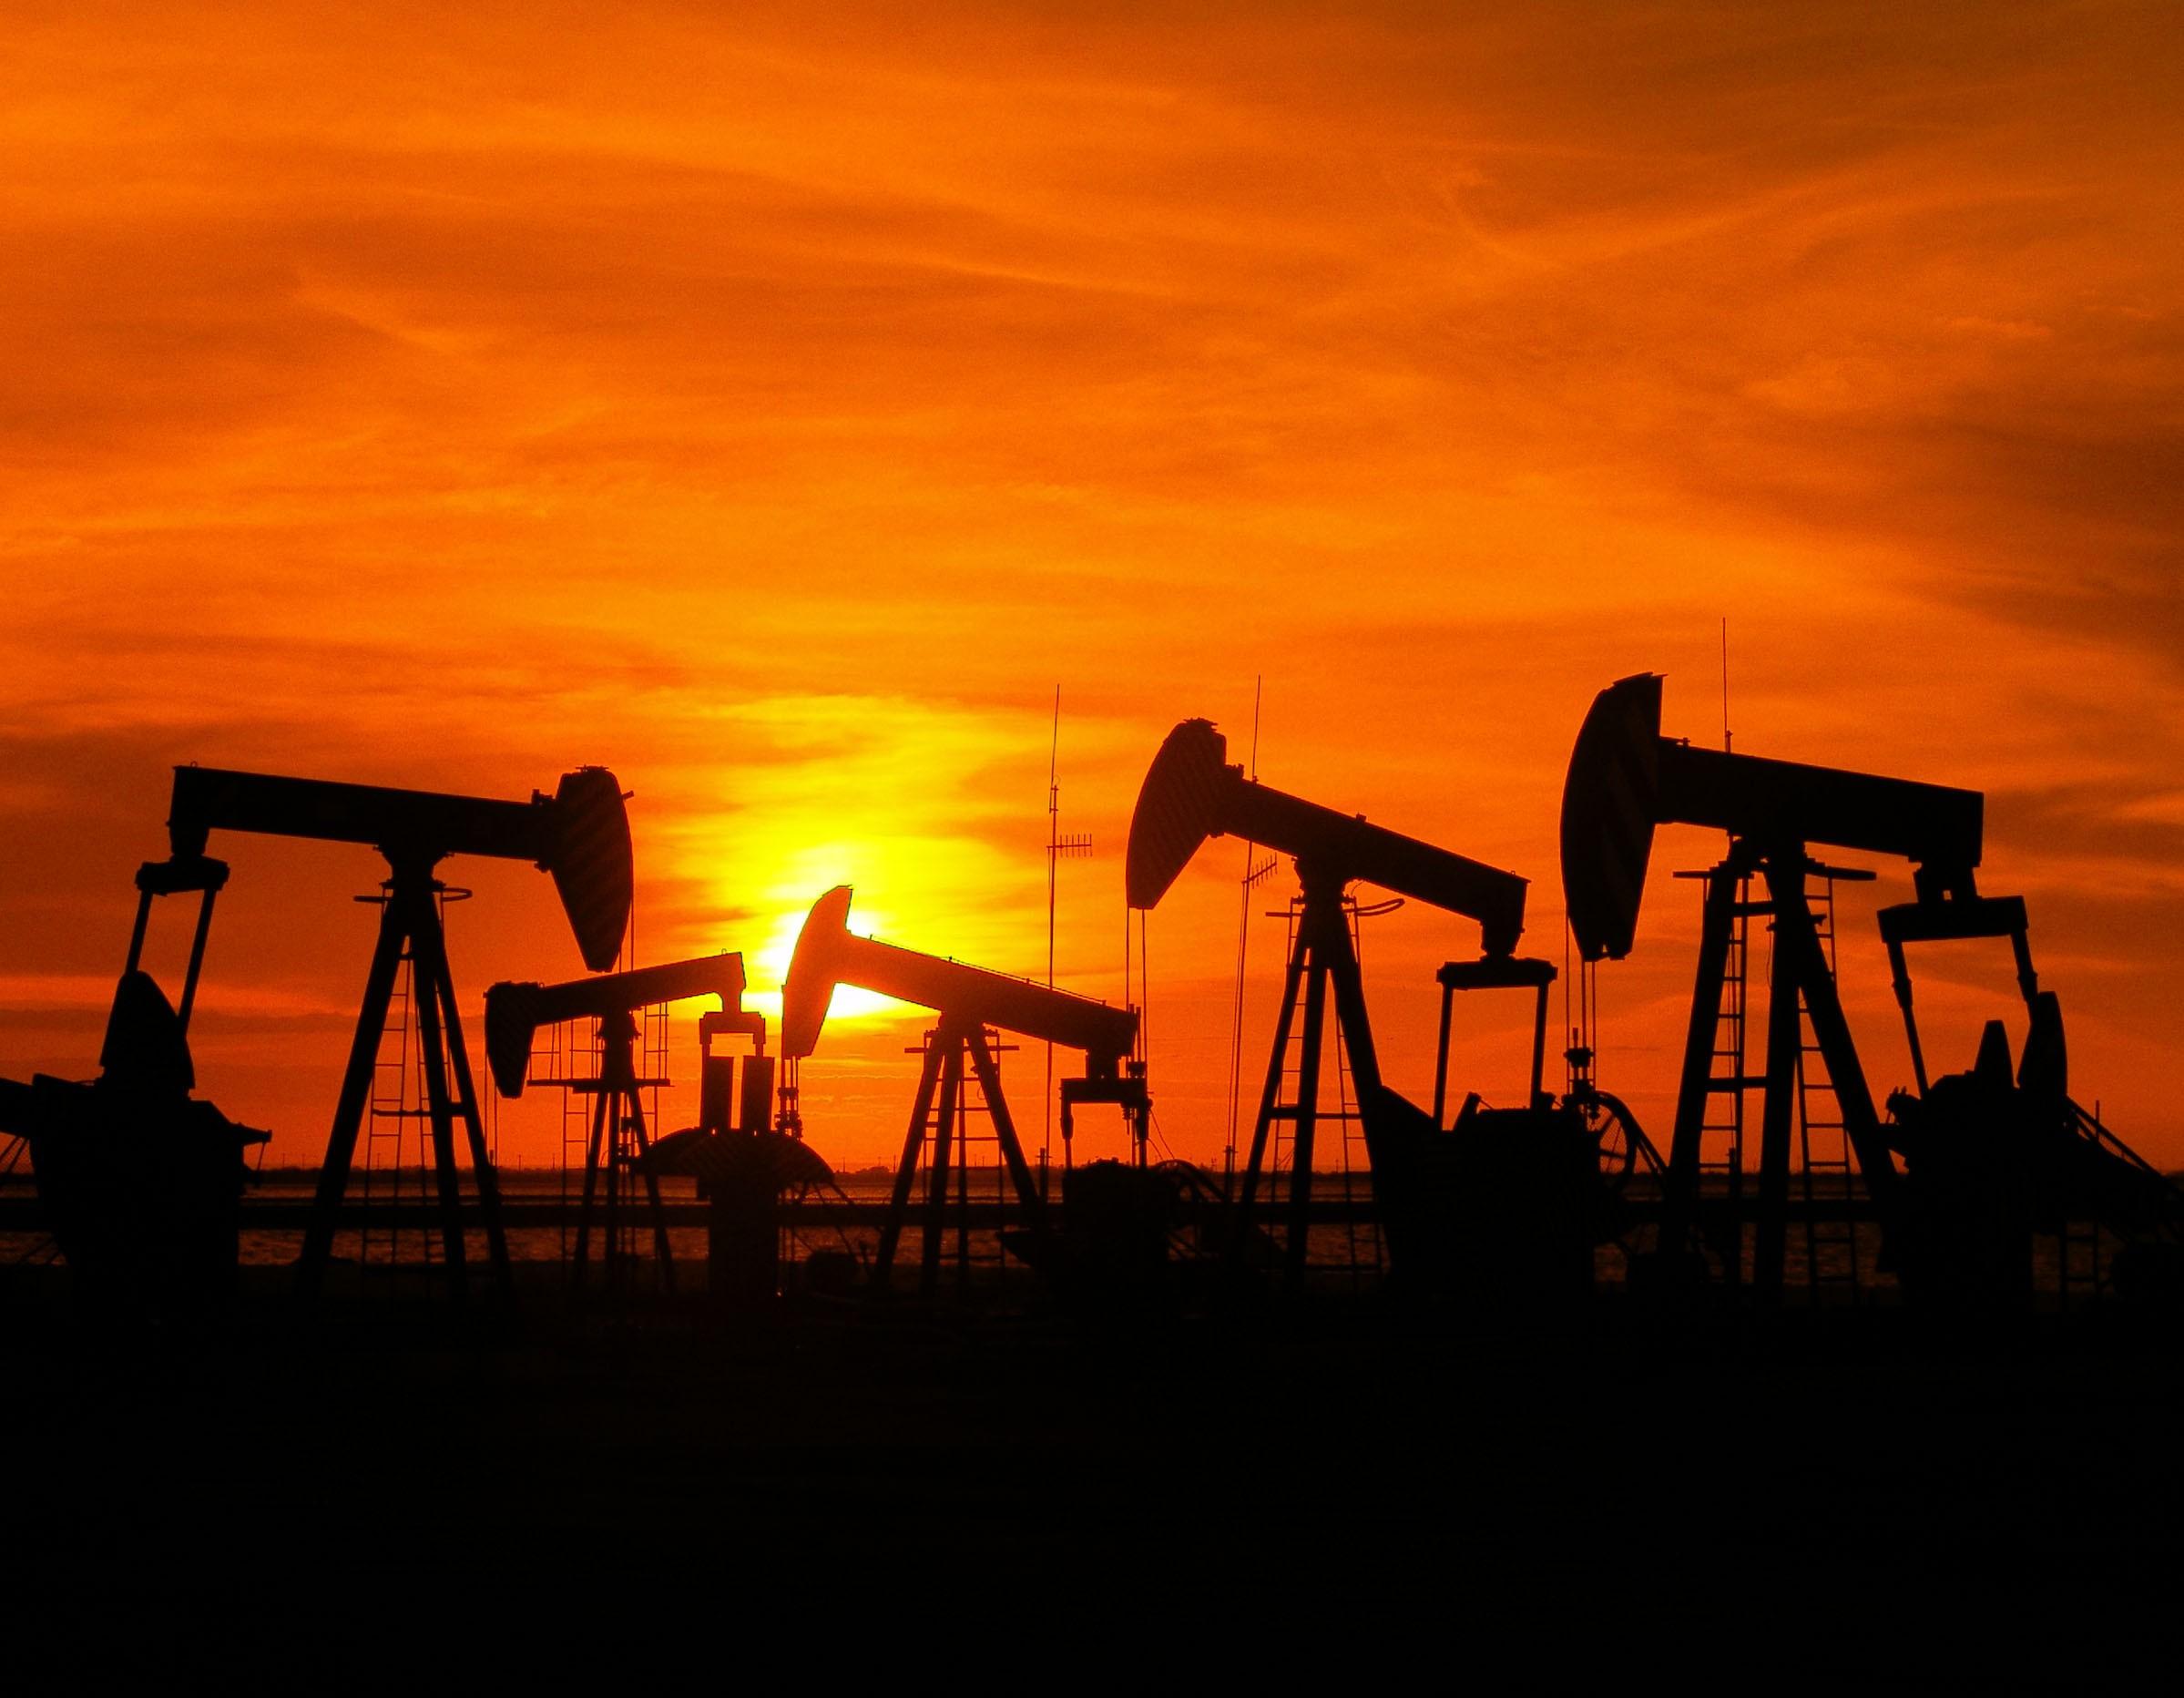 Petróleo fecha em alta, mas reverte menos da metade da queda de quarta thumbnail